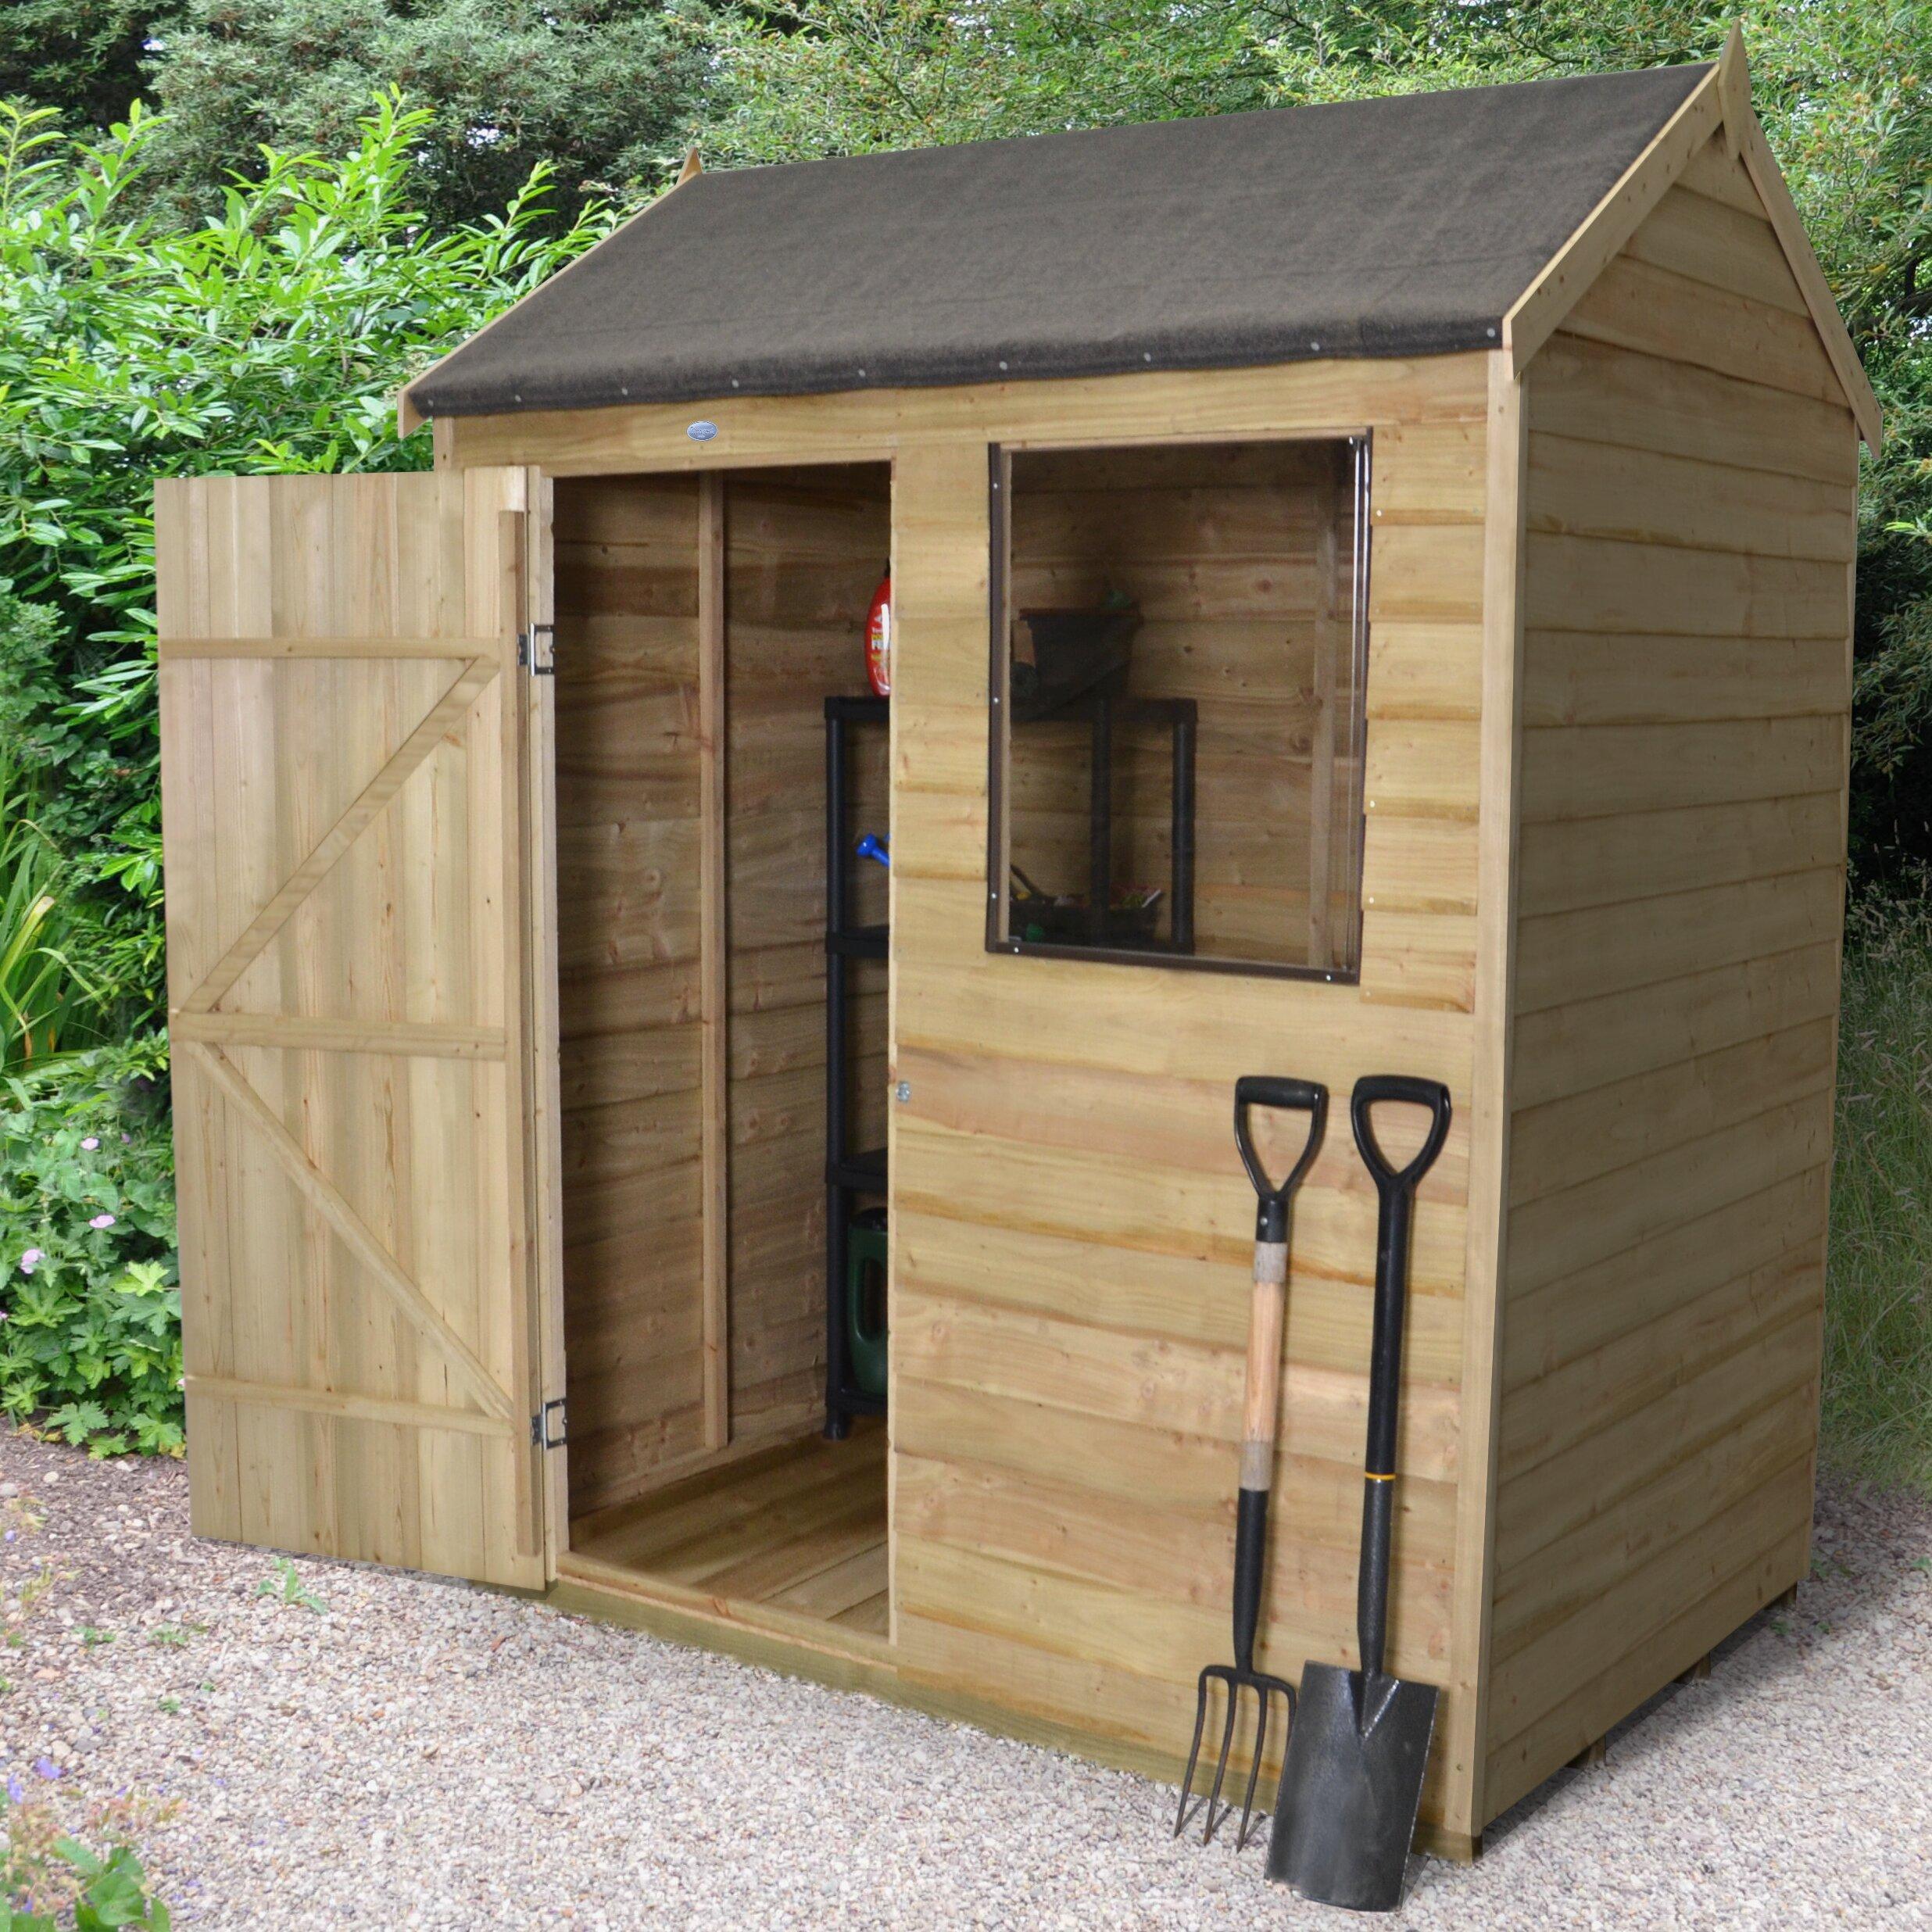 Forest Garden 6 x 4 Wooden Storage Shed | Wayfair UK